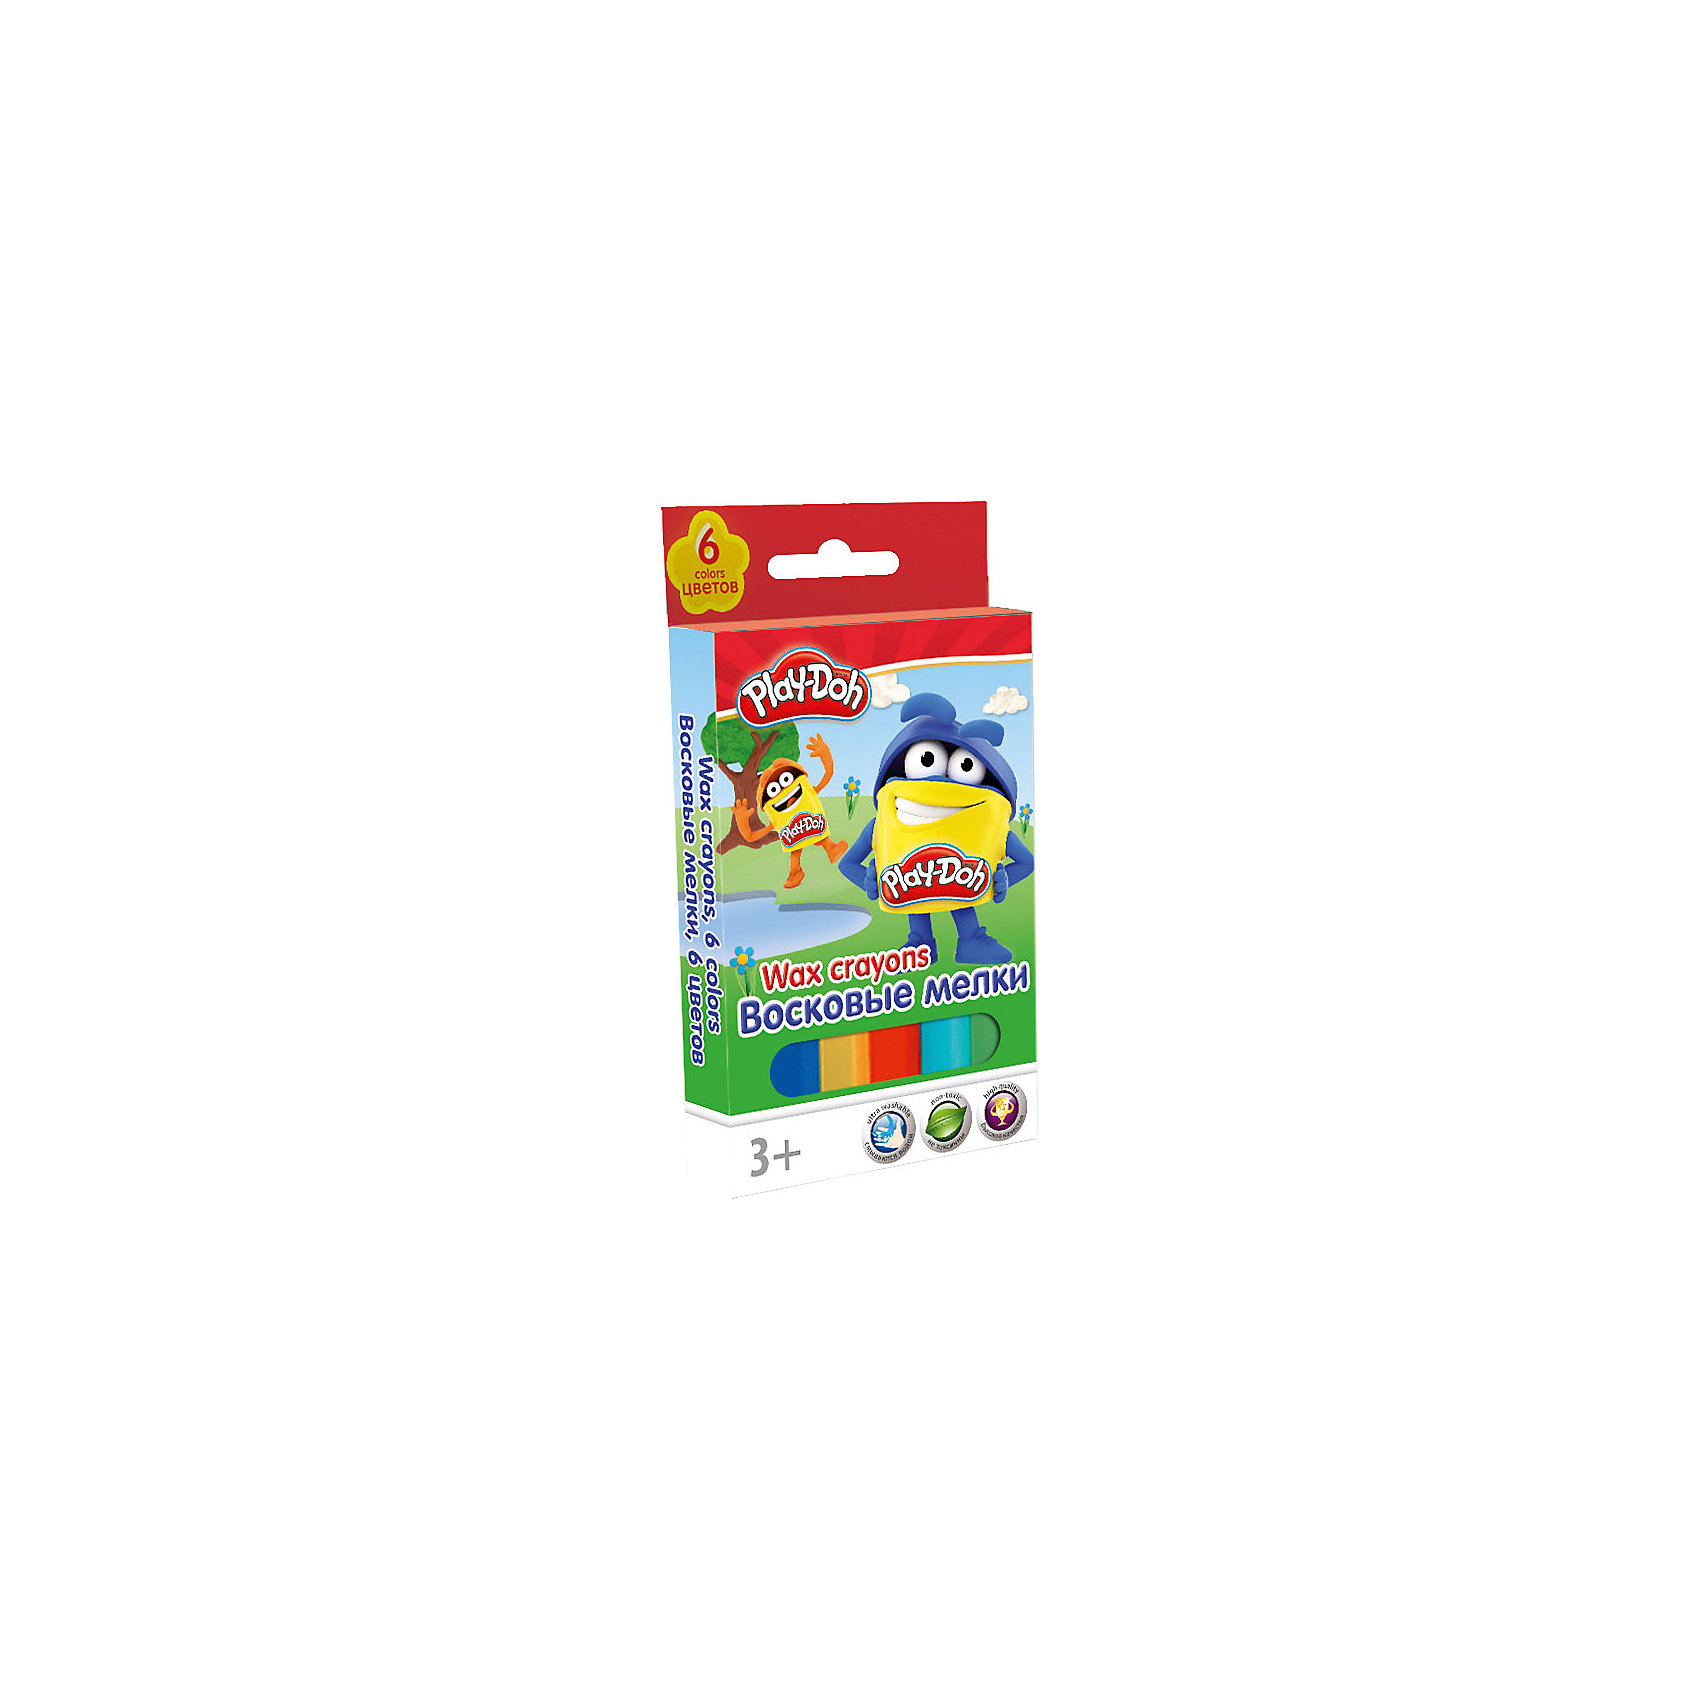 Восковые мелки, 6 шт, Play-DohВосковые мелки, Play-Doh, замечательно подойдут для рисования на бумаге и картоне. Мелки выполнены в форме карандашей и очень удобны в использовании. Благодаря своей мягкости, они прекрасно рисуют и обладают насыщенными цветами, что помогает создавать яркие<br>картинки. У каждого мелка пластиковый корпус с выдвижным механизмом, что позволяет сохранять руки чистыми. В комплекте 6 разноцветных восковых мелков, упакованных в картонную яркую коробочку с забавным рисунком. <br><br><br>Дополнительная информация:<br><br>- В комплекте: 6 штук.<br>- Размер упаковки: 6 х 1 x 13 см.<br>- Вес: 67 гр.<br><br>Восковые мелки, 6 шт., Play-Doh, можно купить в нашем интернет-магазине.<br><br>Ширина мм: 60<br>Глубина мм: 10<br>Высота мм: 130<br>Вес г: 67<br>Возраст от месяцев: 36<br>Возраст до месяцев: 72<br>Пол: Унисекс<br>Возраст: Детский<br>SKU: 4681134